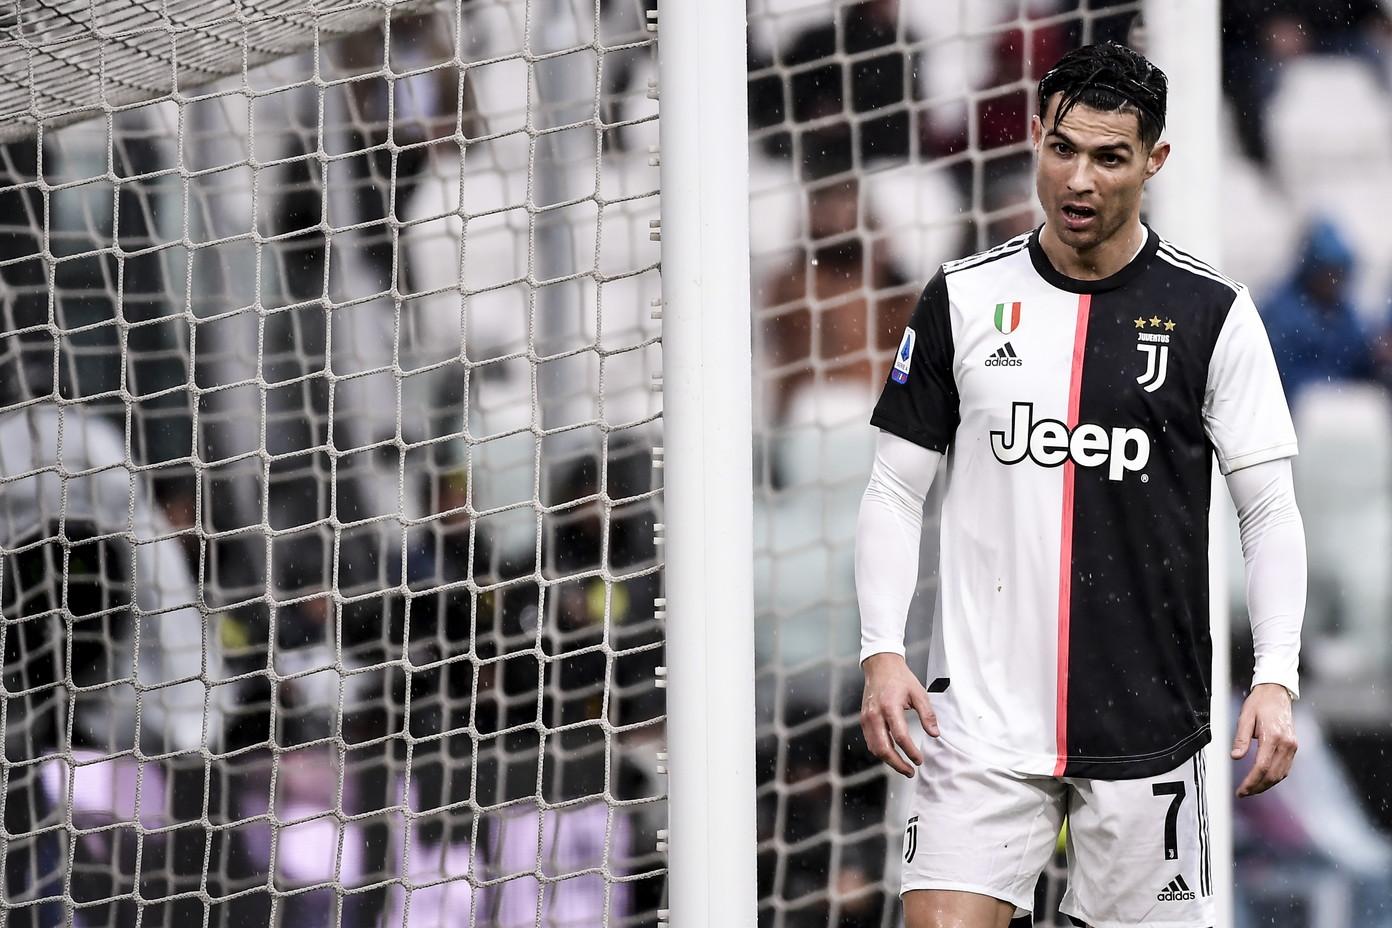 Primo pareggio casalingo per la Juventus, che nell'anticipo delle 12:30 non va oltre il 2-2 contro il Sassuolo. All'Allianz Stadium, la squadr...